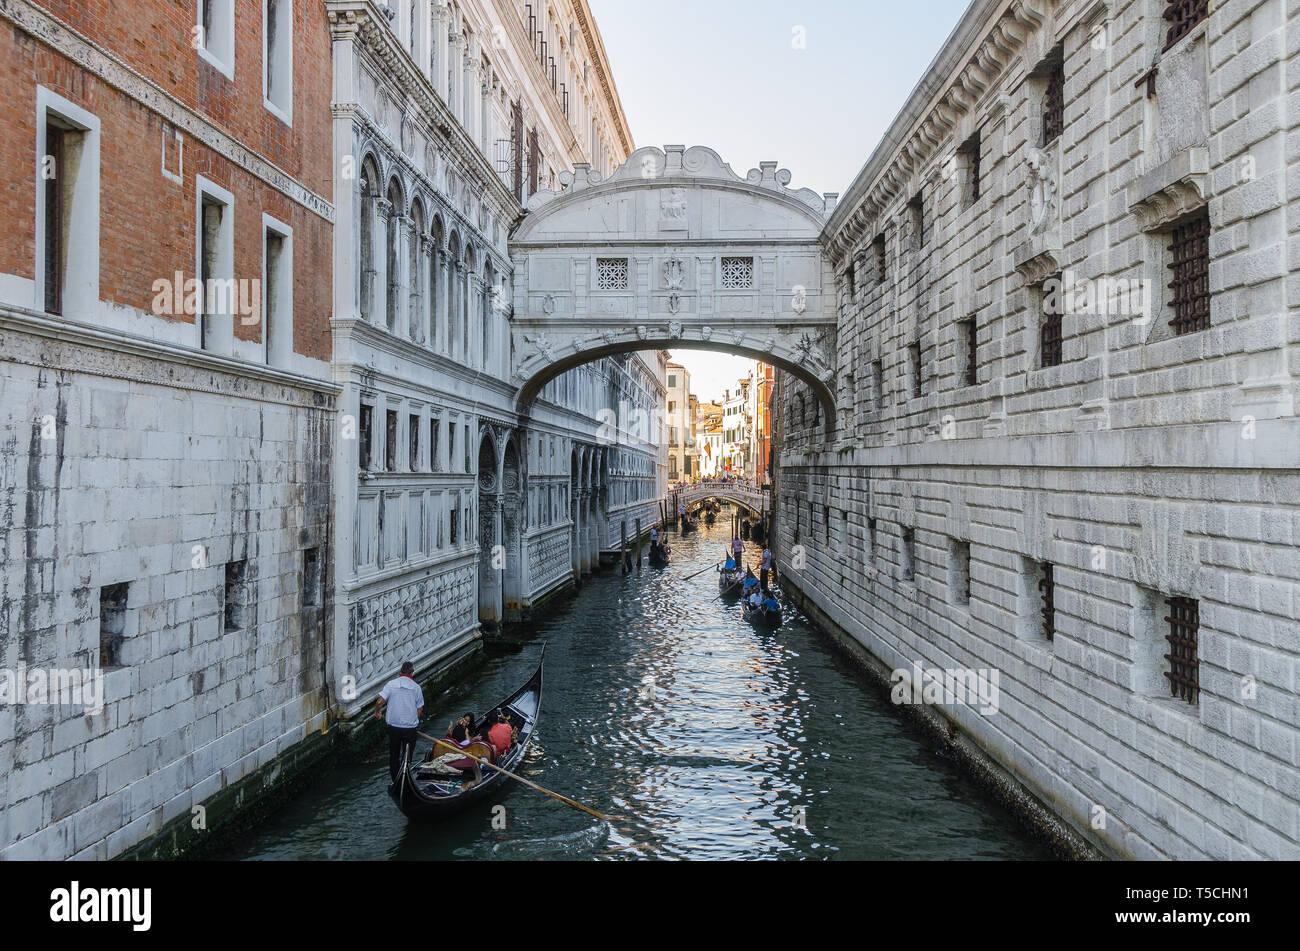 Rialtobrücke in Venedig - Stock Image